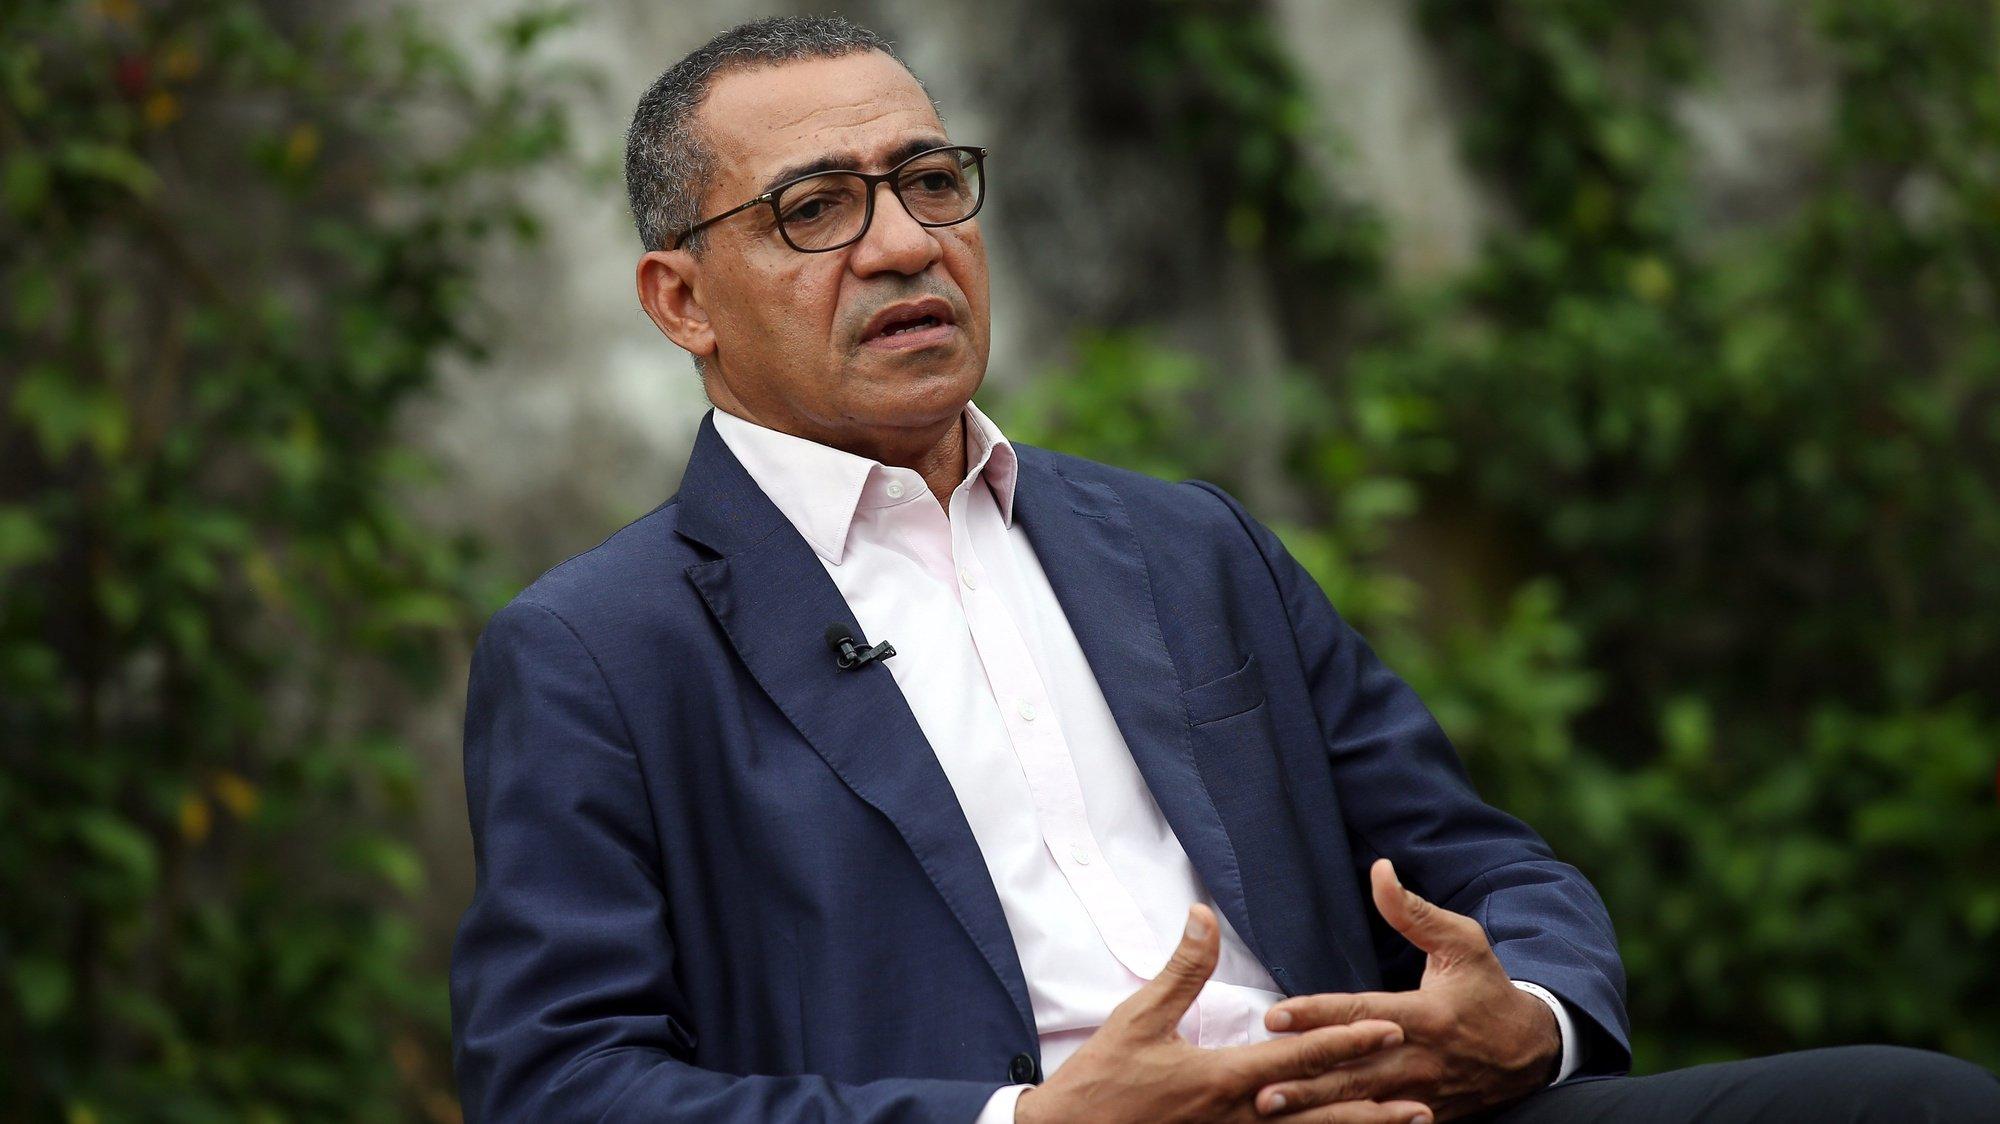 O Presidente eleito, Carlos Vila Nova, durante uma entrevista à Agência Lusa, após vencer as eleições presidenciais em São Tomé e Príncipe. São Tomé, 07 de setembro de 2021. (ACOMPANHA TEXTO DE 08/09/2021) NUNO VEIGA/LUSA